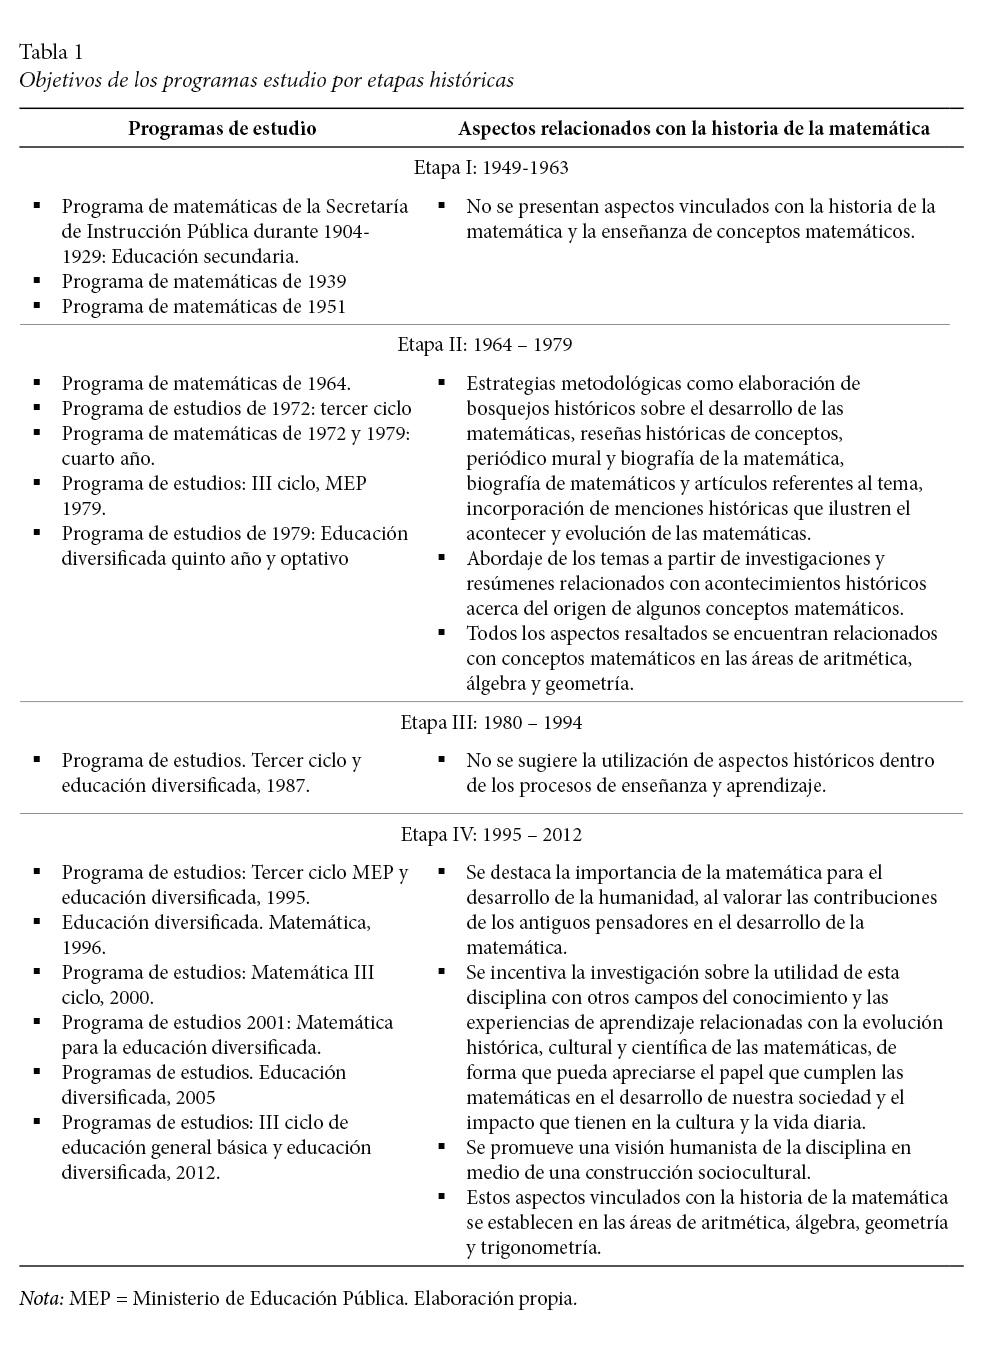 Encantador Resume Ejemplos Objetivos Declaración General Composición ...